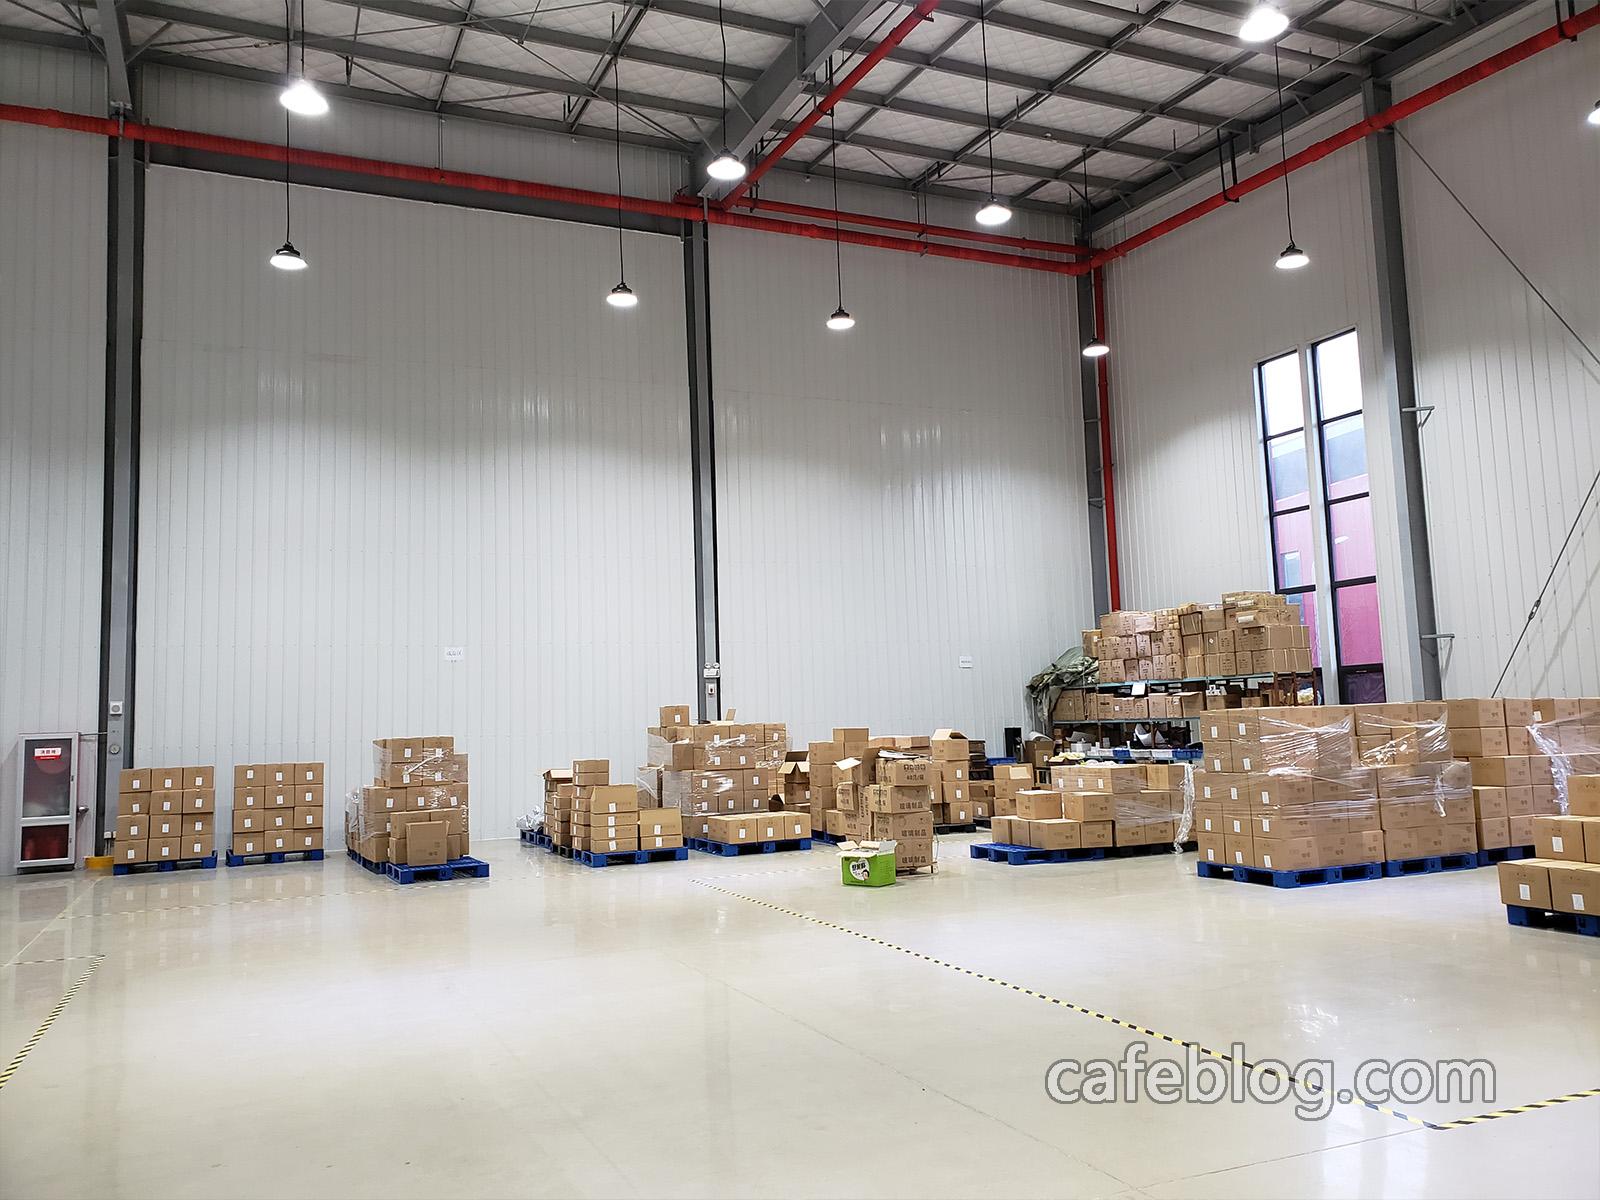 北京吉意欧咖啡有限公司天津分公司咖啡工厂的规模非常大,就这个小仓库面积也是非常之大。关于供应生豆供应设备,咖啡豆传送设备,咖啡豆除石设备,烘焙设备,完全消烟设备,完全消味设备,研磨设备,包装设备,挂耳咖啡生产线,咖啡饮料生产线,氮气充气生产设备,研发设备,等不便于公开。